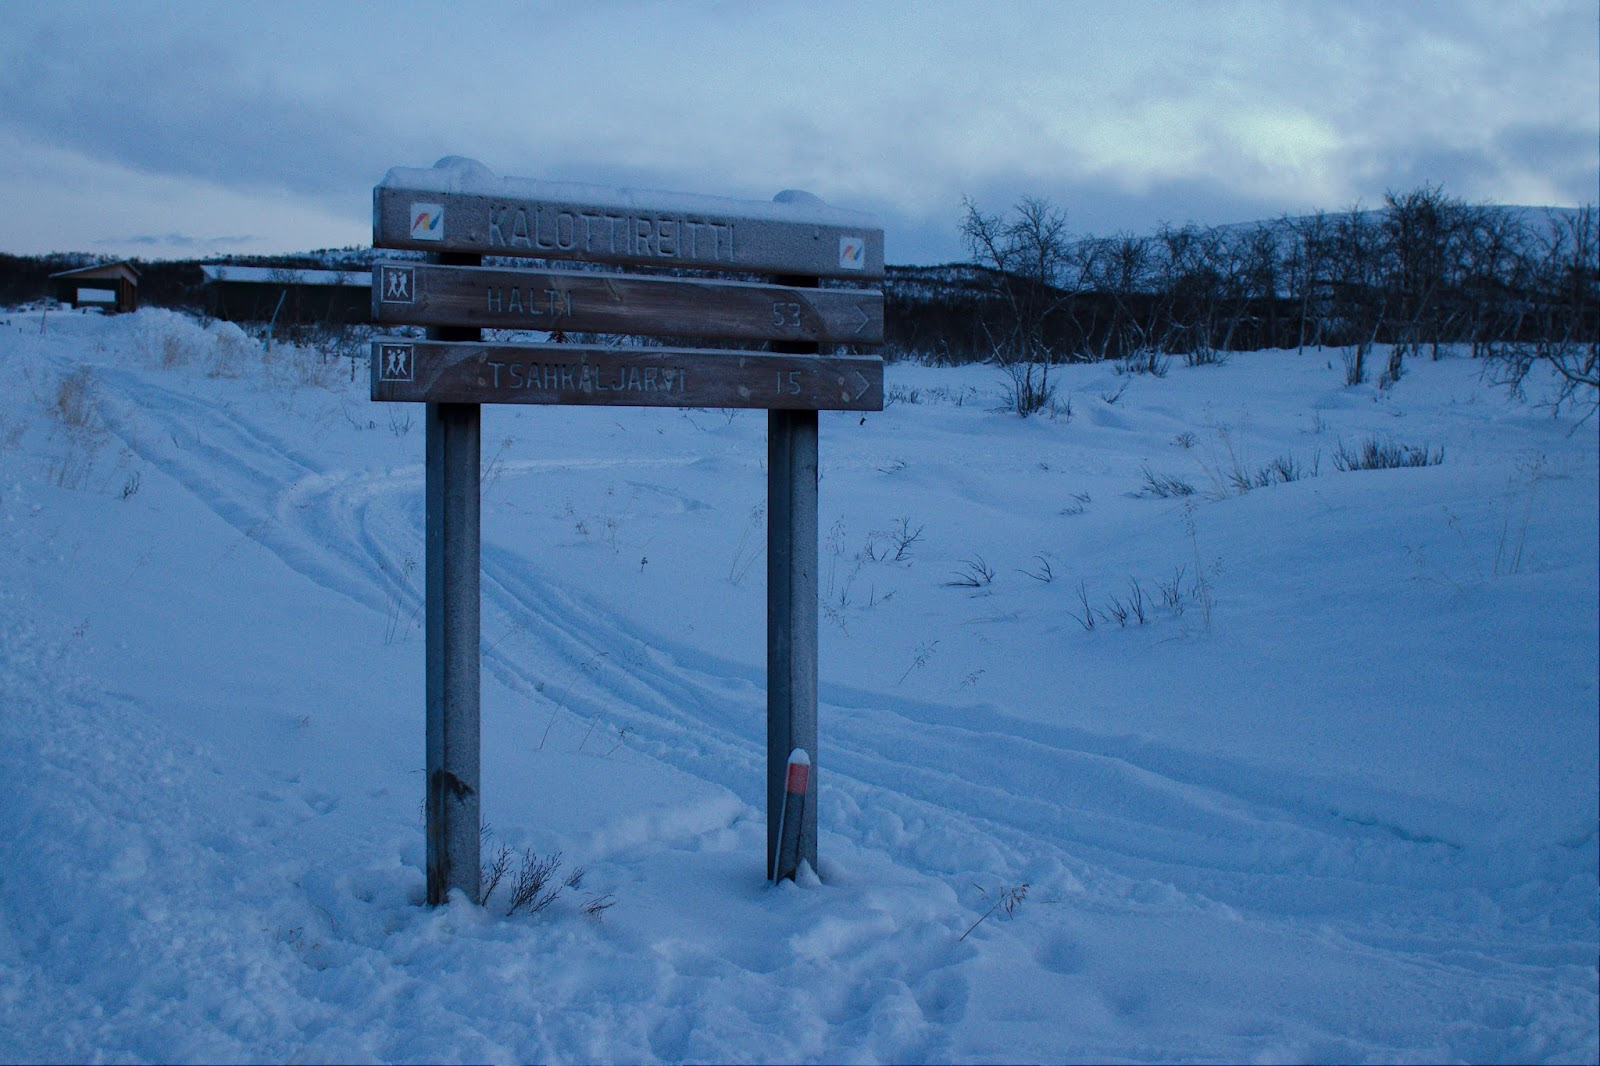 Kalottireitin lähtöpiste Kilpisjärven kylällä